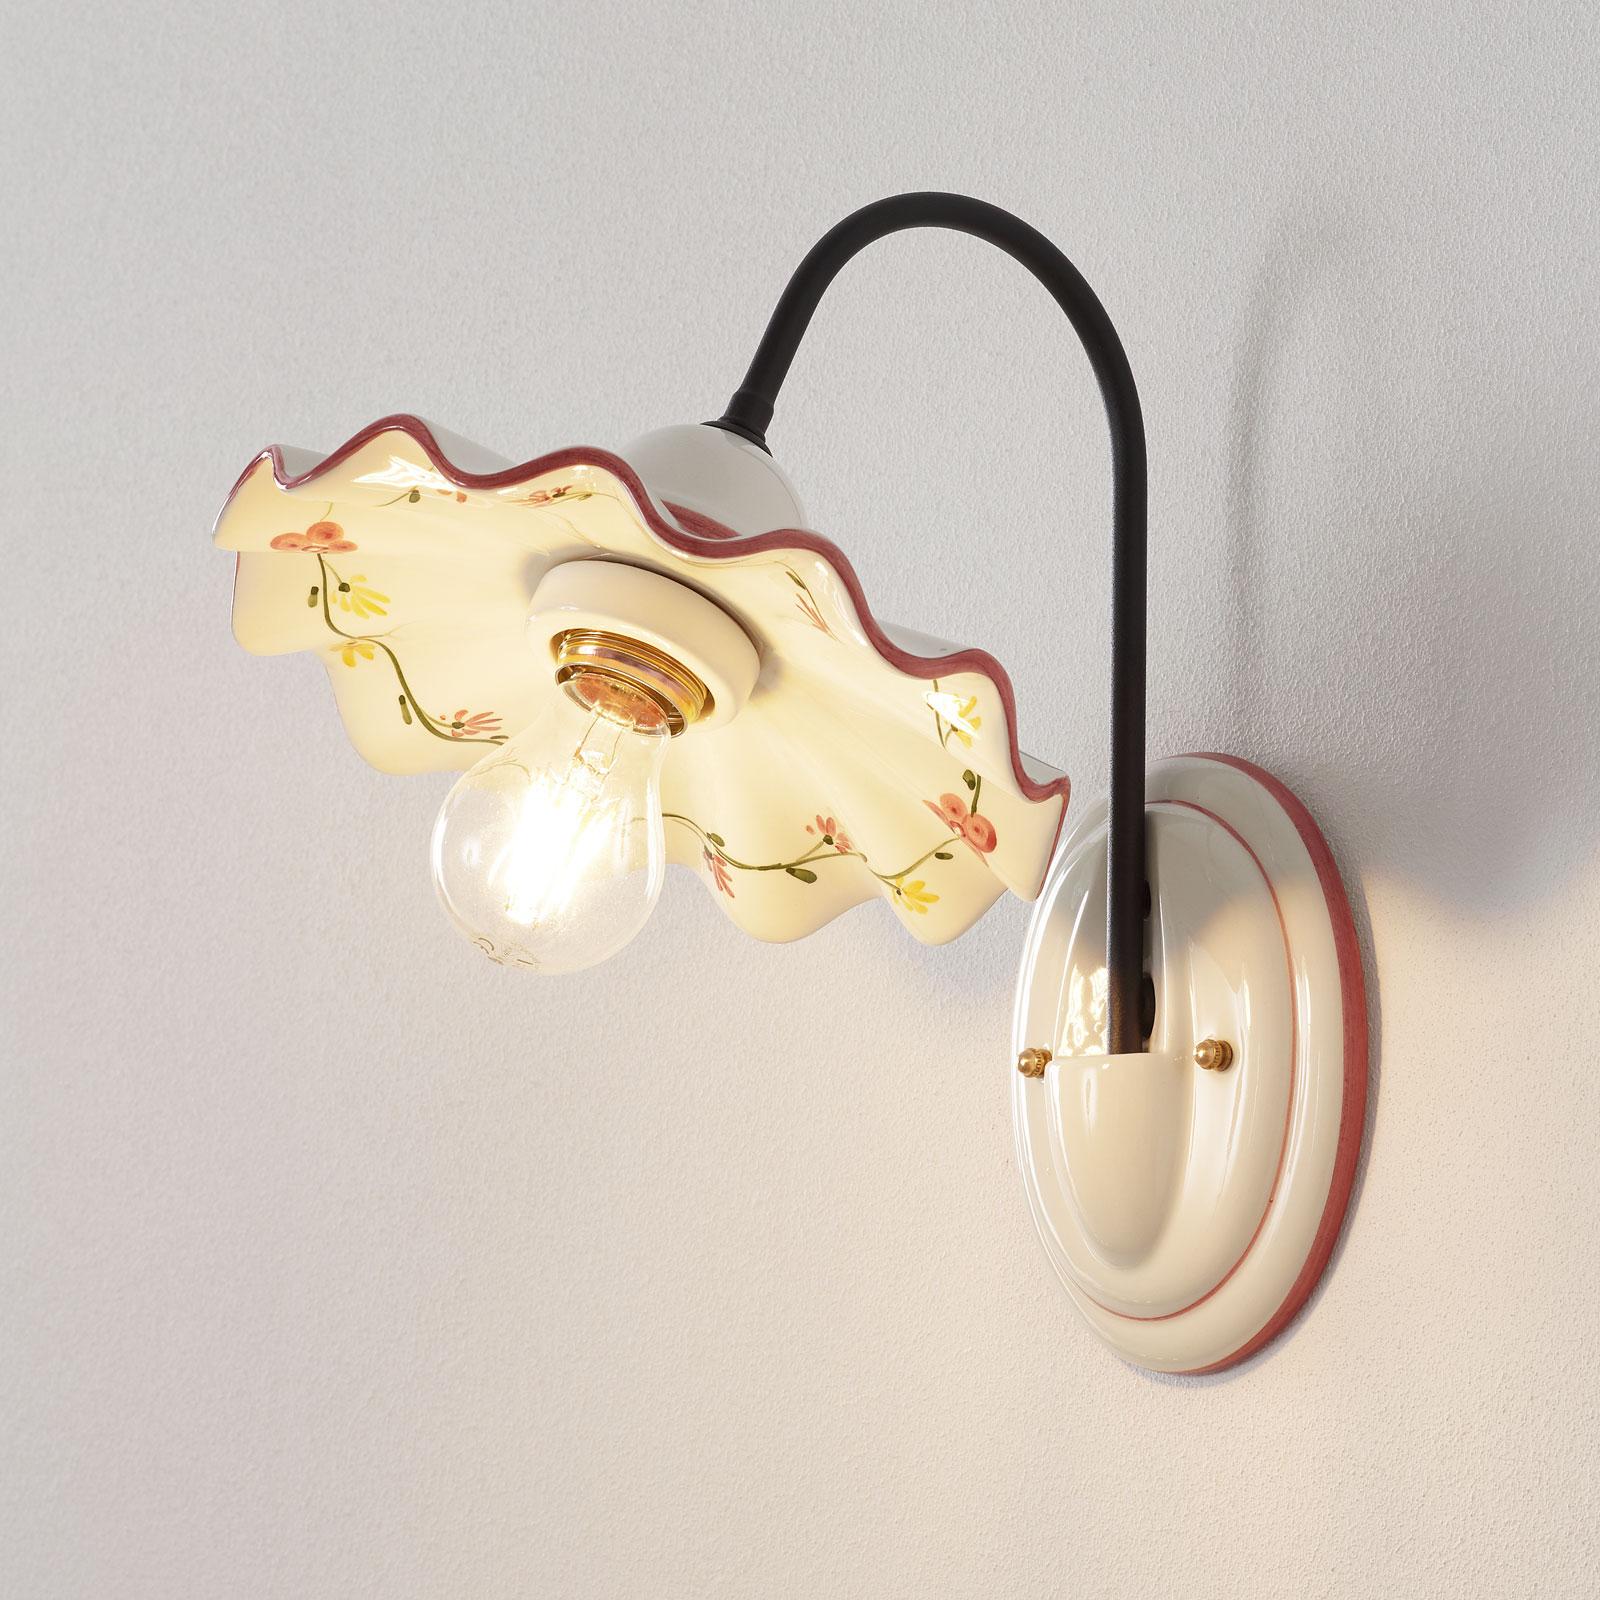 Lampa ścienna AMETISTA z żelaznym ramieniem